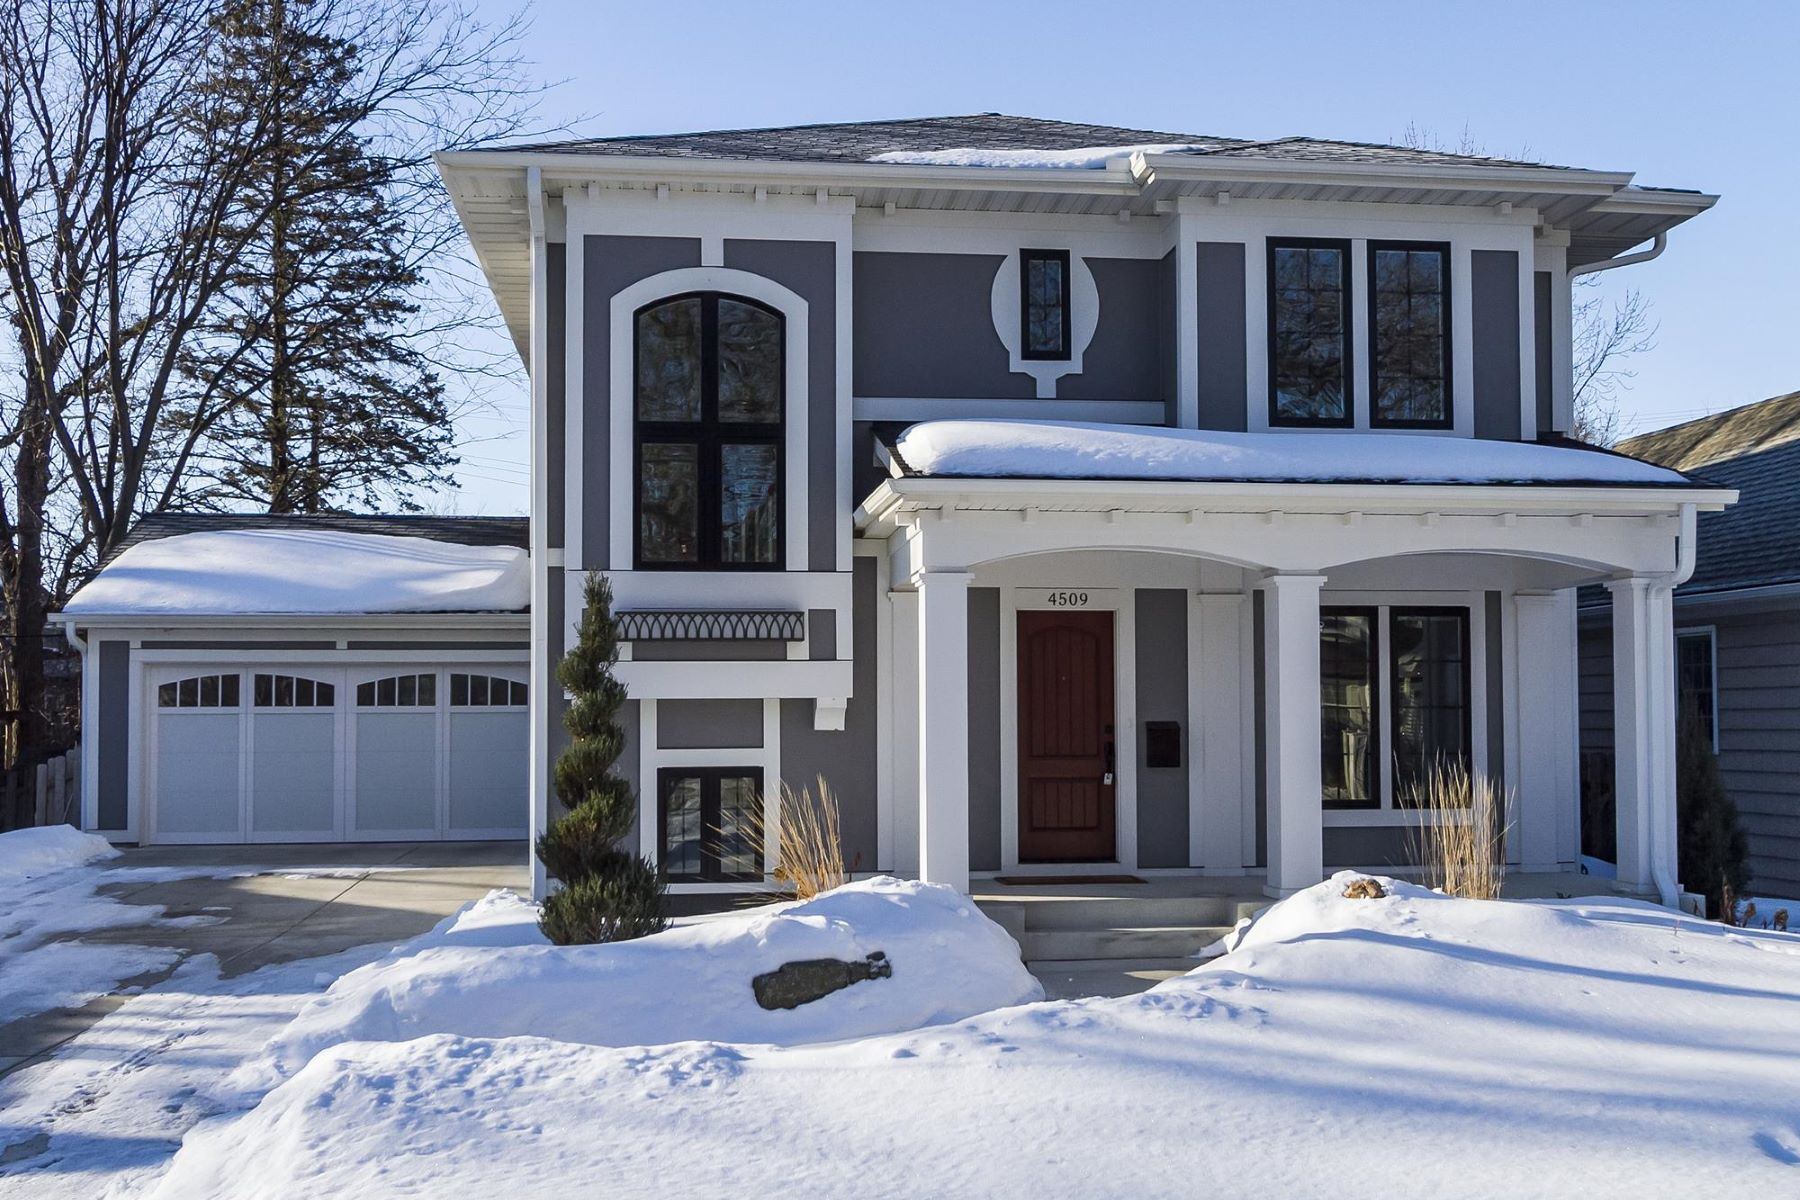 Частный односемейный дом для того Продажа на 4509 Oak Drive Edina, Миннесота, 55424 Соединенные Штаты